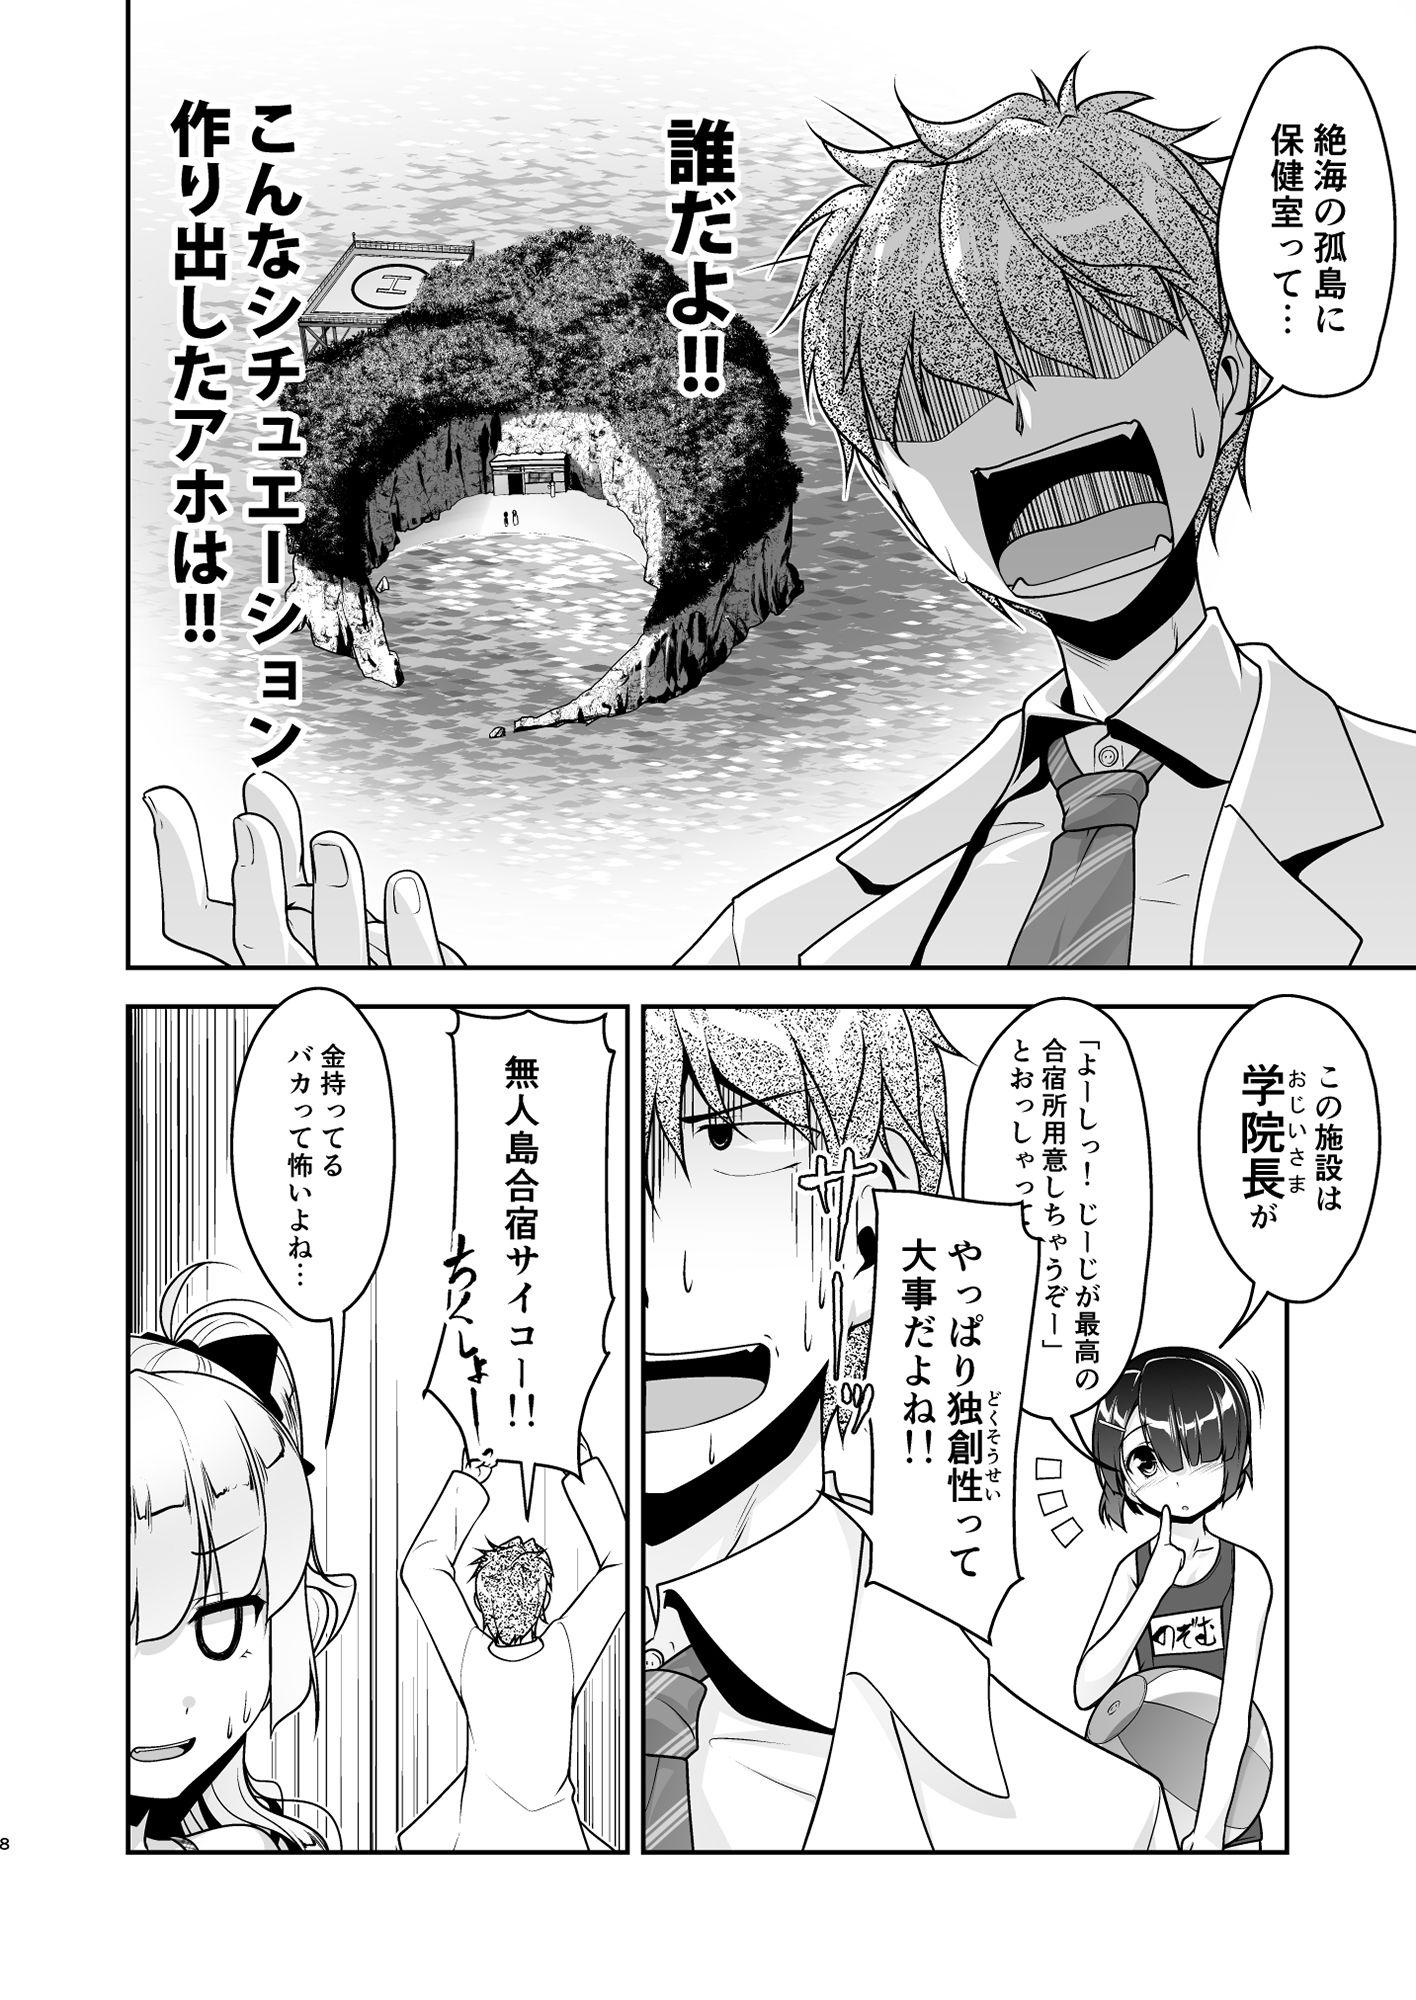 DMM 同人【保健室のJKさん4】